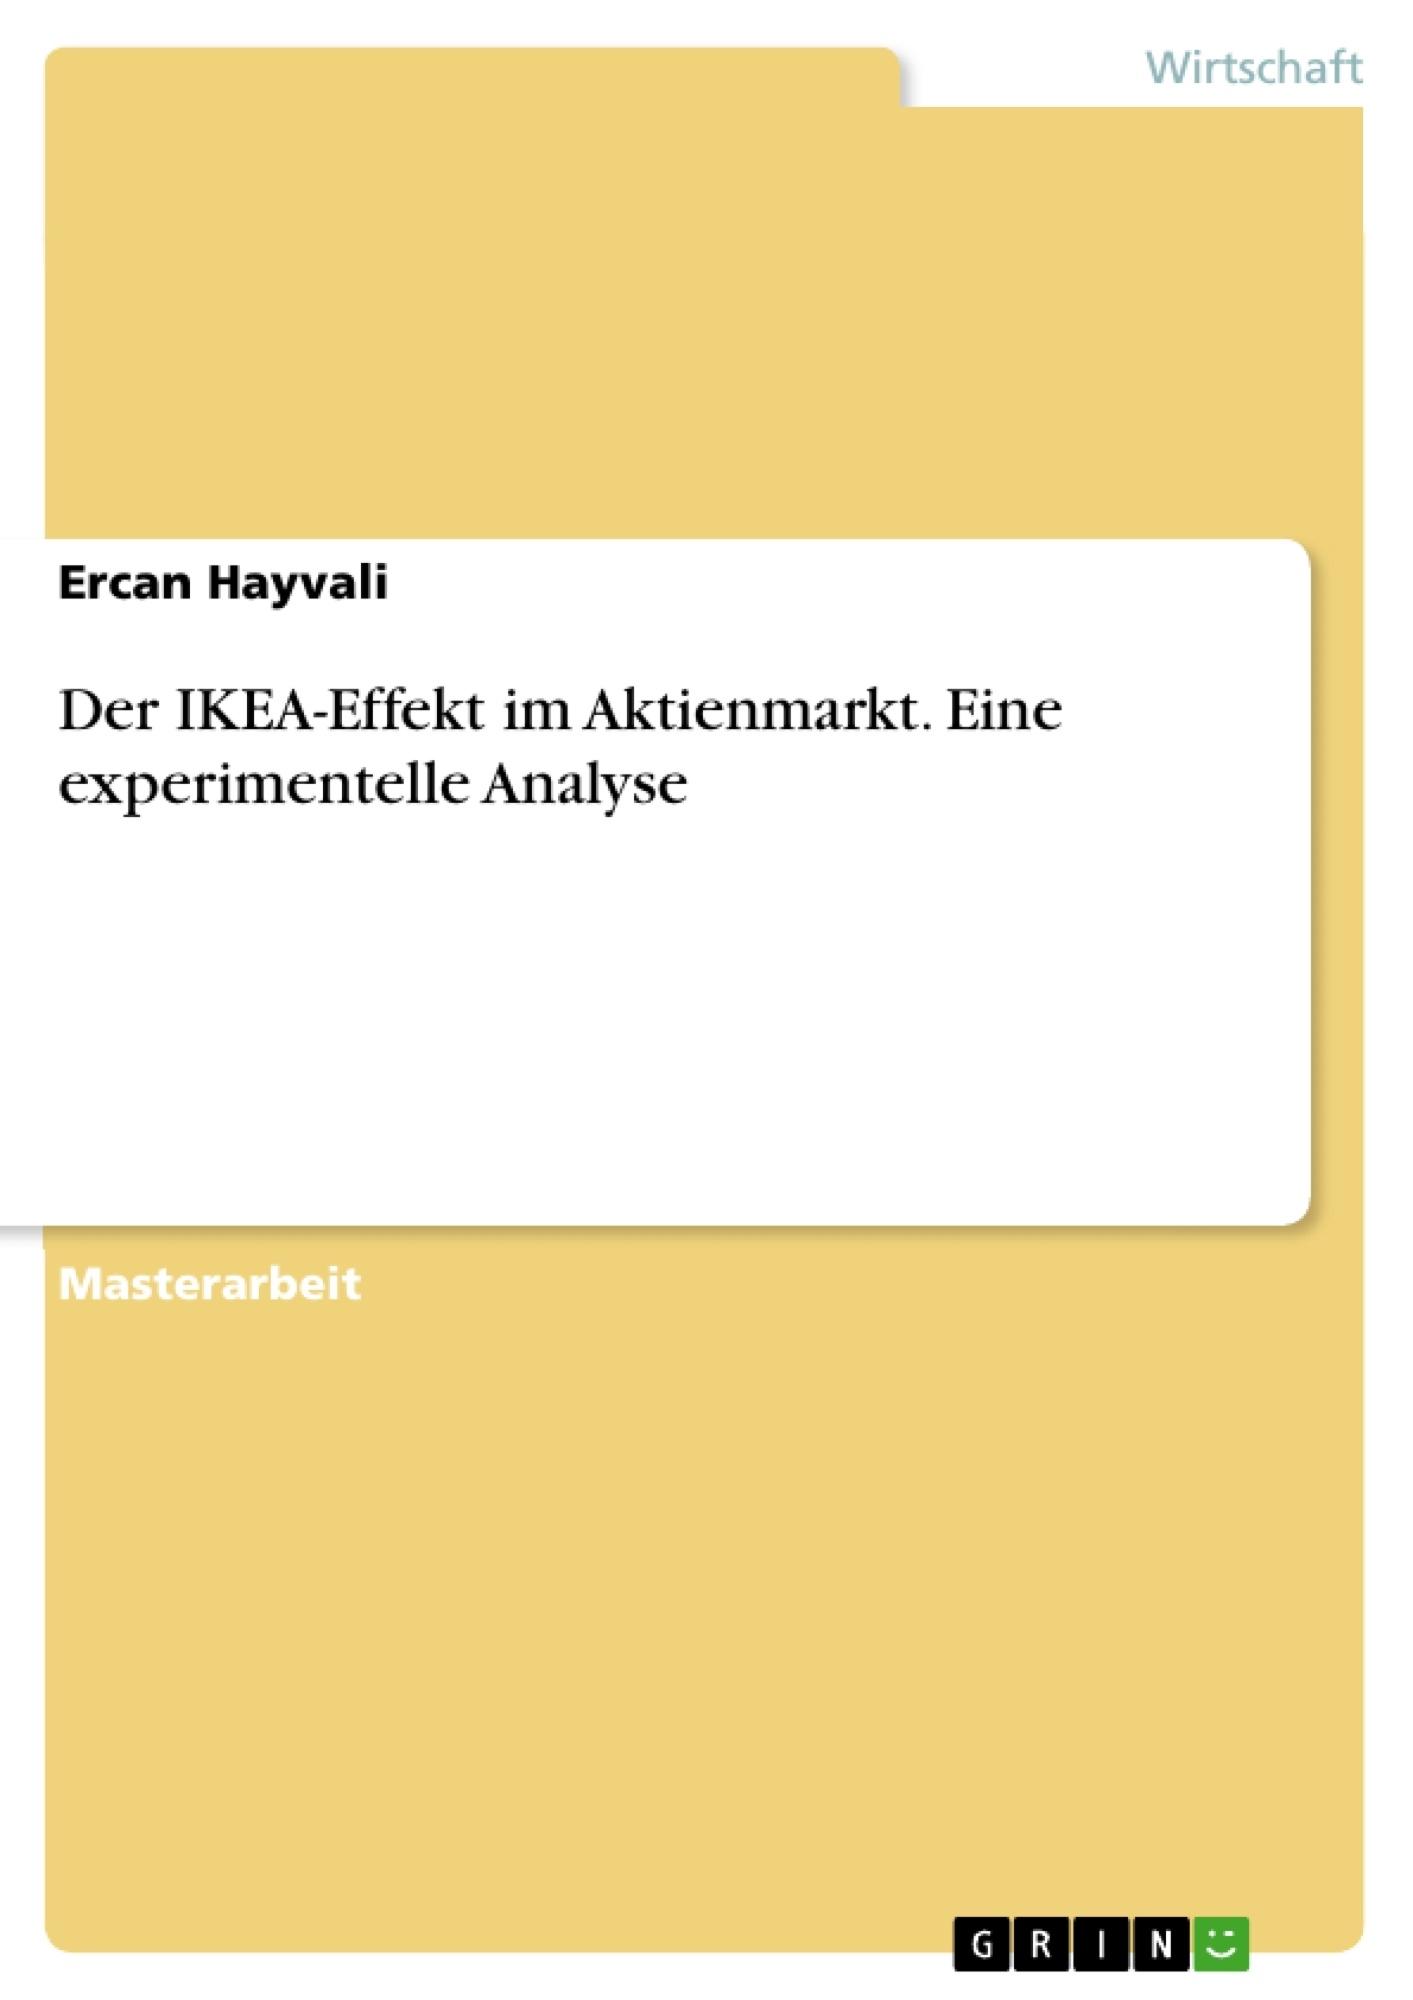 Titel: Der IKEA-Effekt im Aktienmarkt. Eine experimentelle Analyse